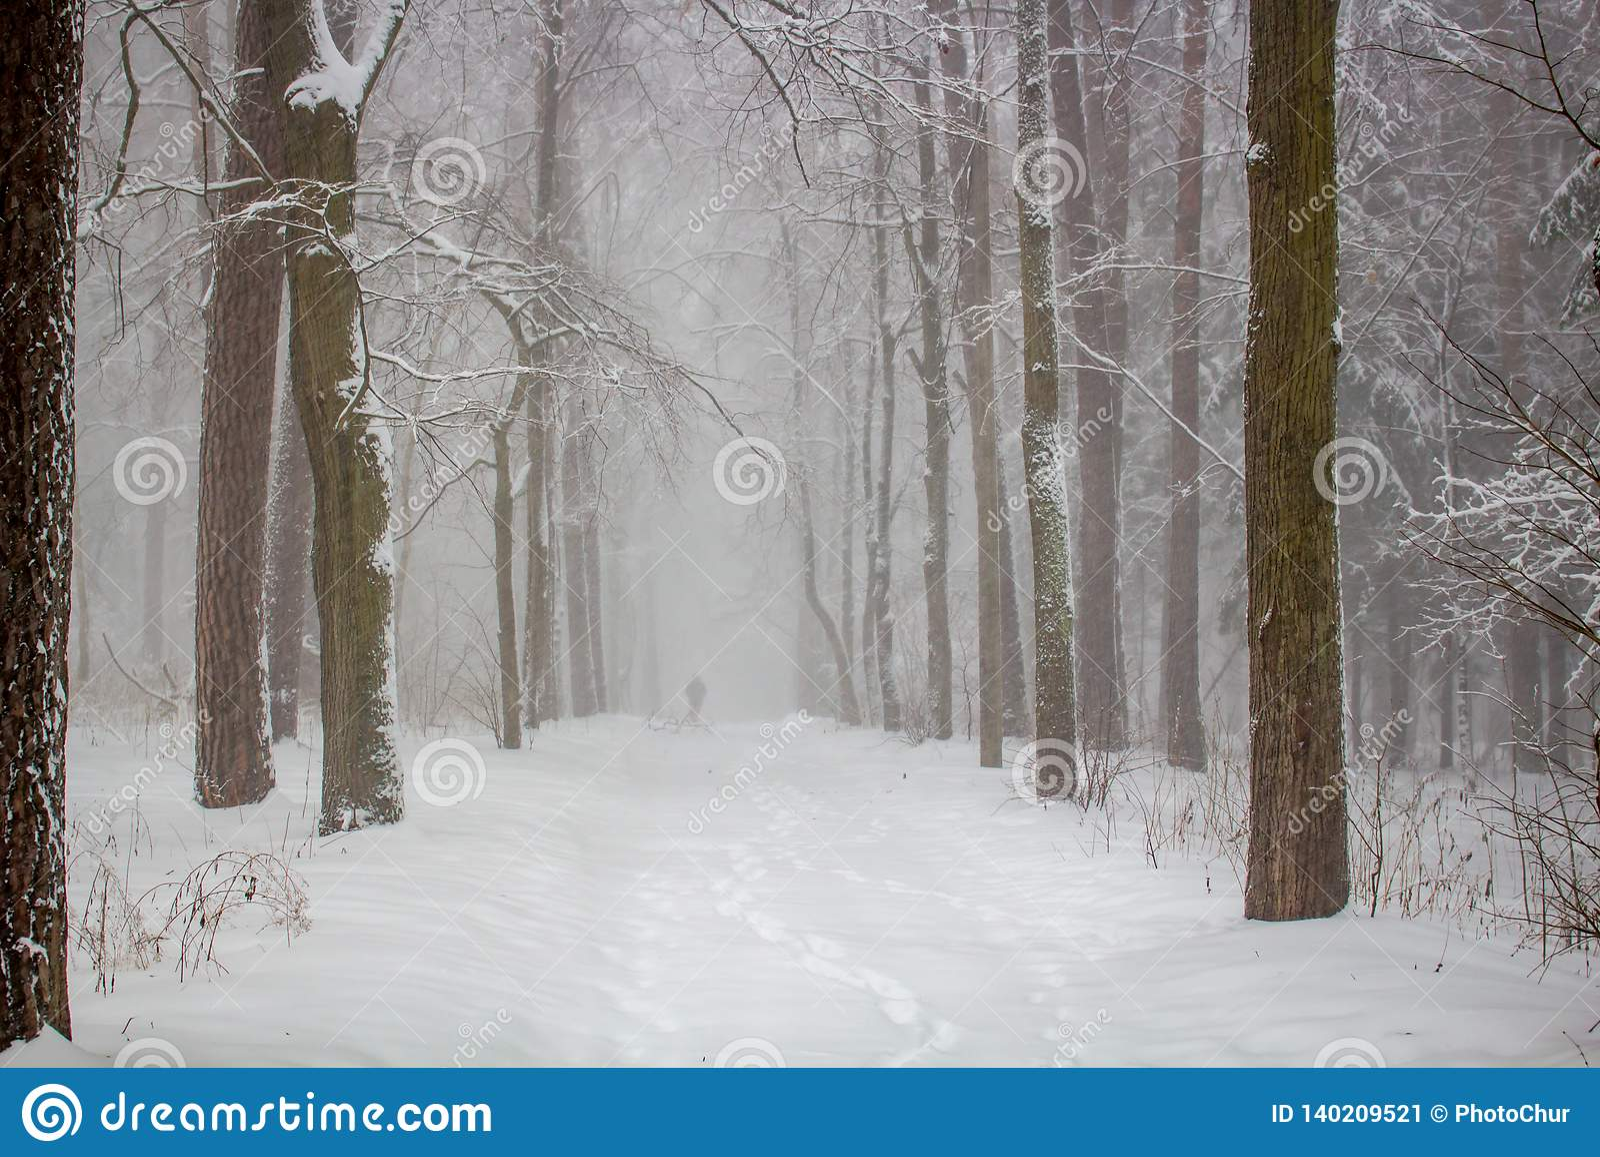 Χιονοθύελλα χιονιού στο πάρκο το χειμώνα, φτωχή διαφάνεια